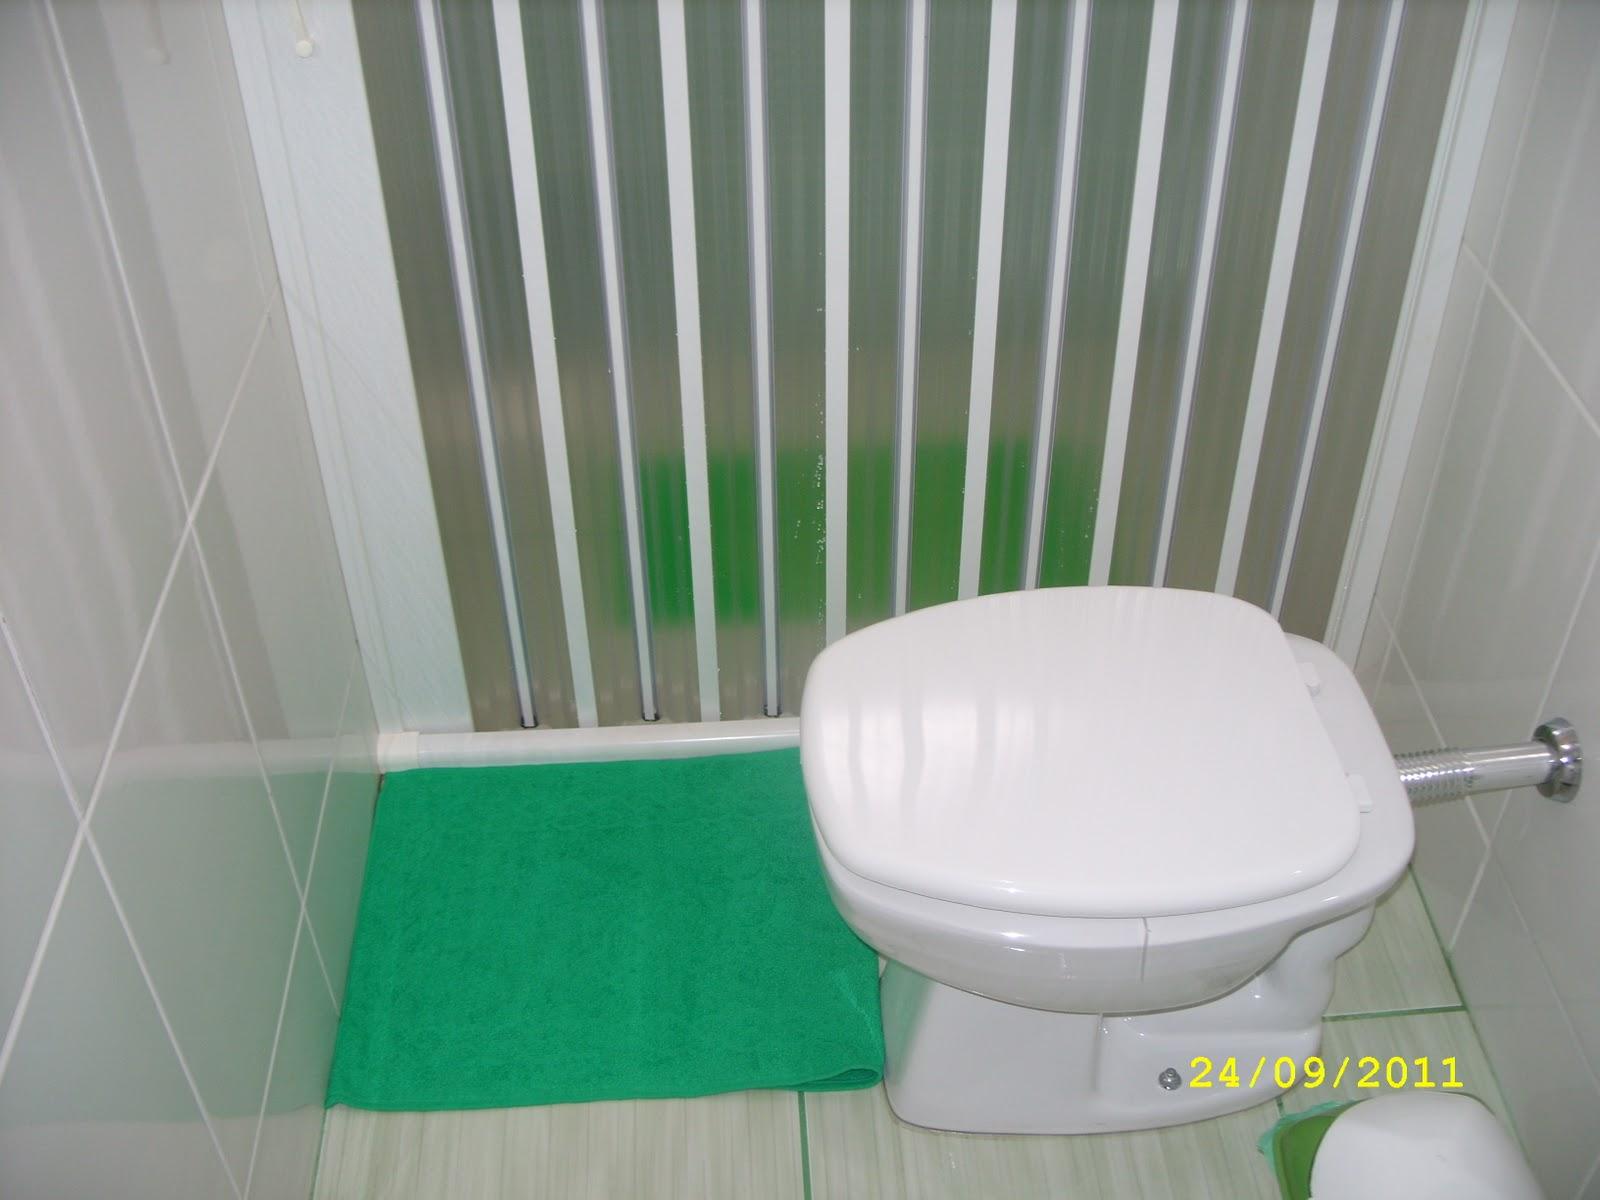 Imagens de #10895D Adilson Simone e Lilica em construção!!!: Algumas imagens pós  1600x1200 px 2996 Box Banheiro De Pvc